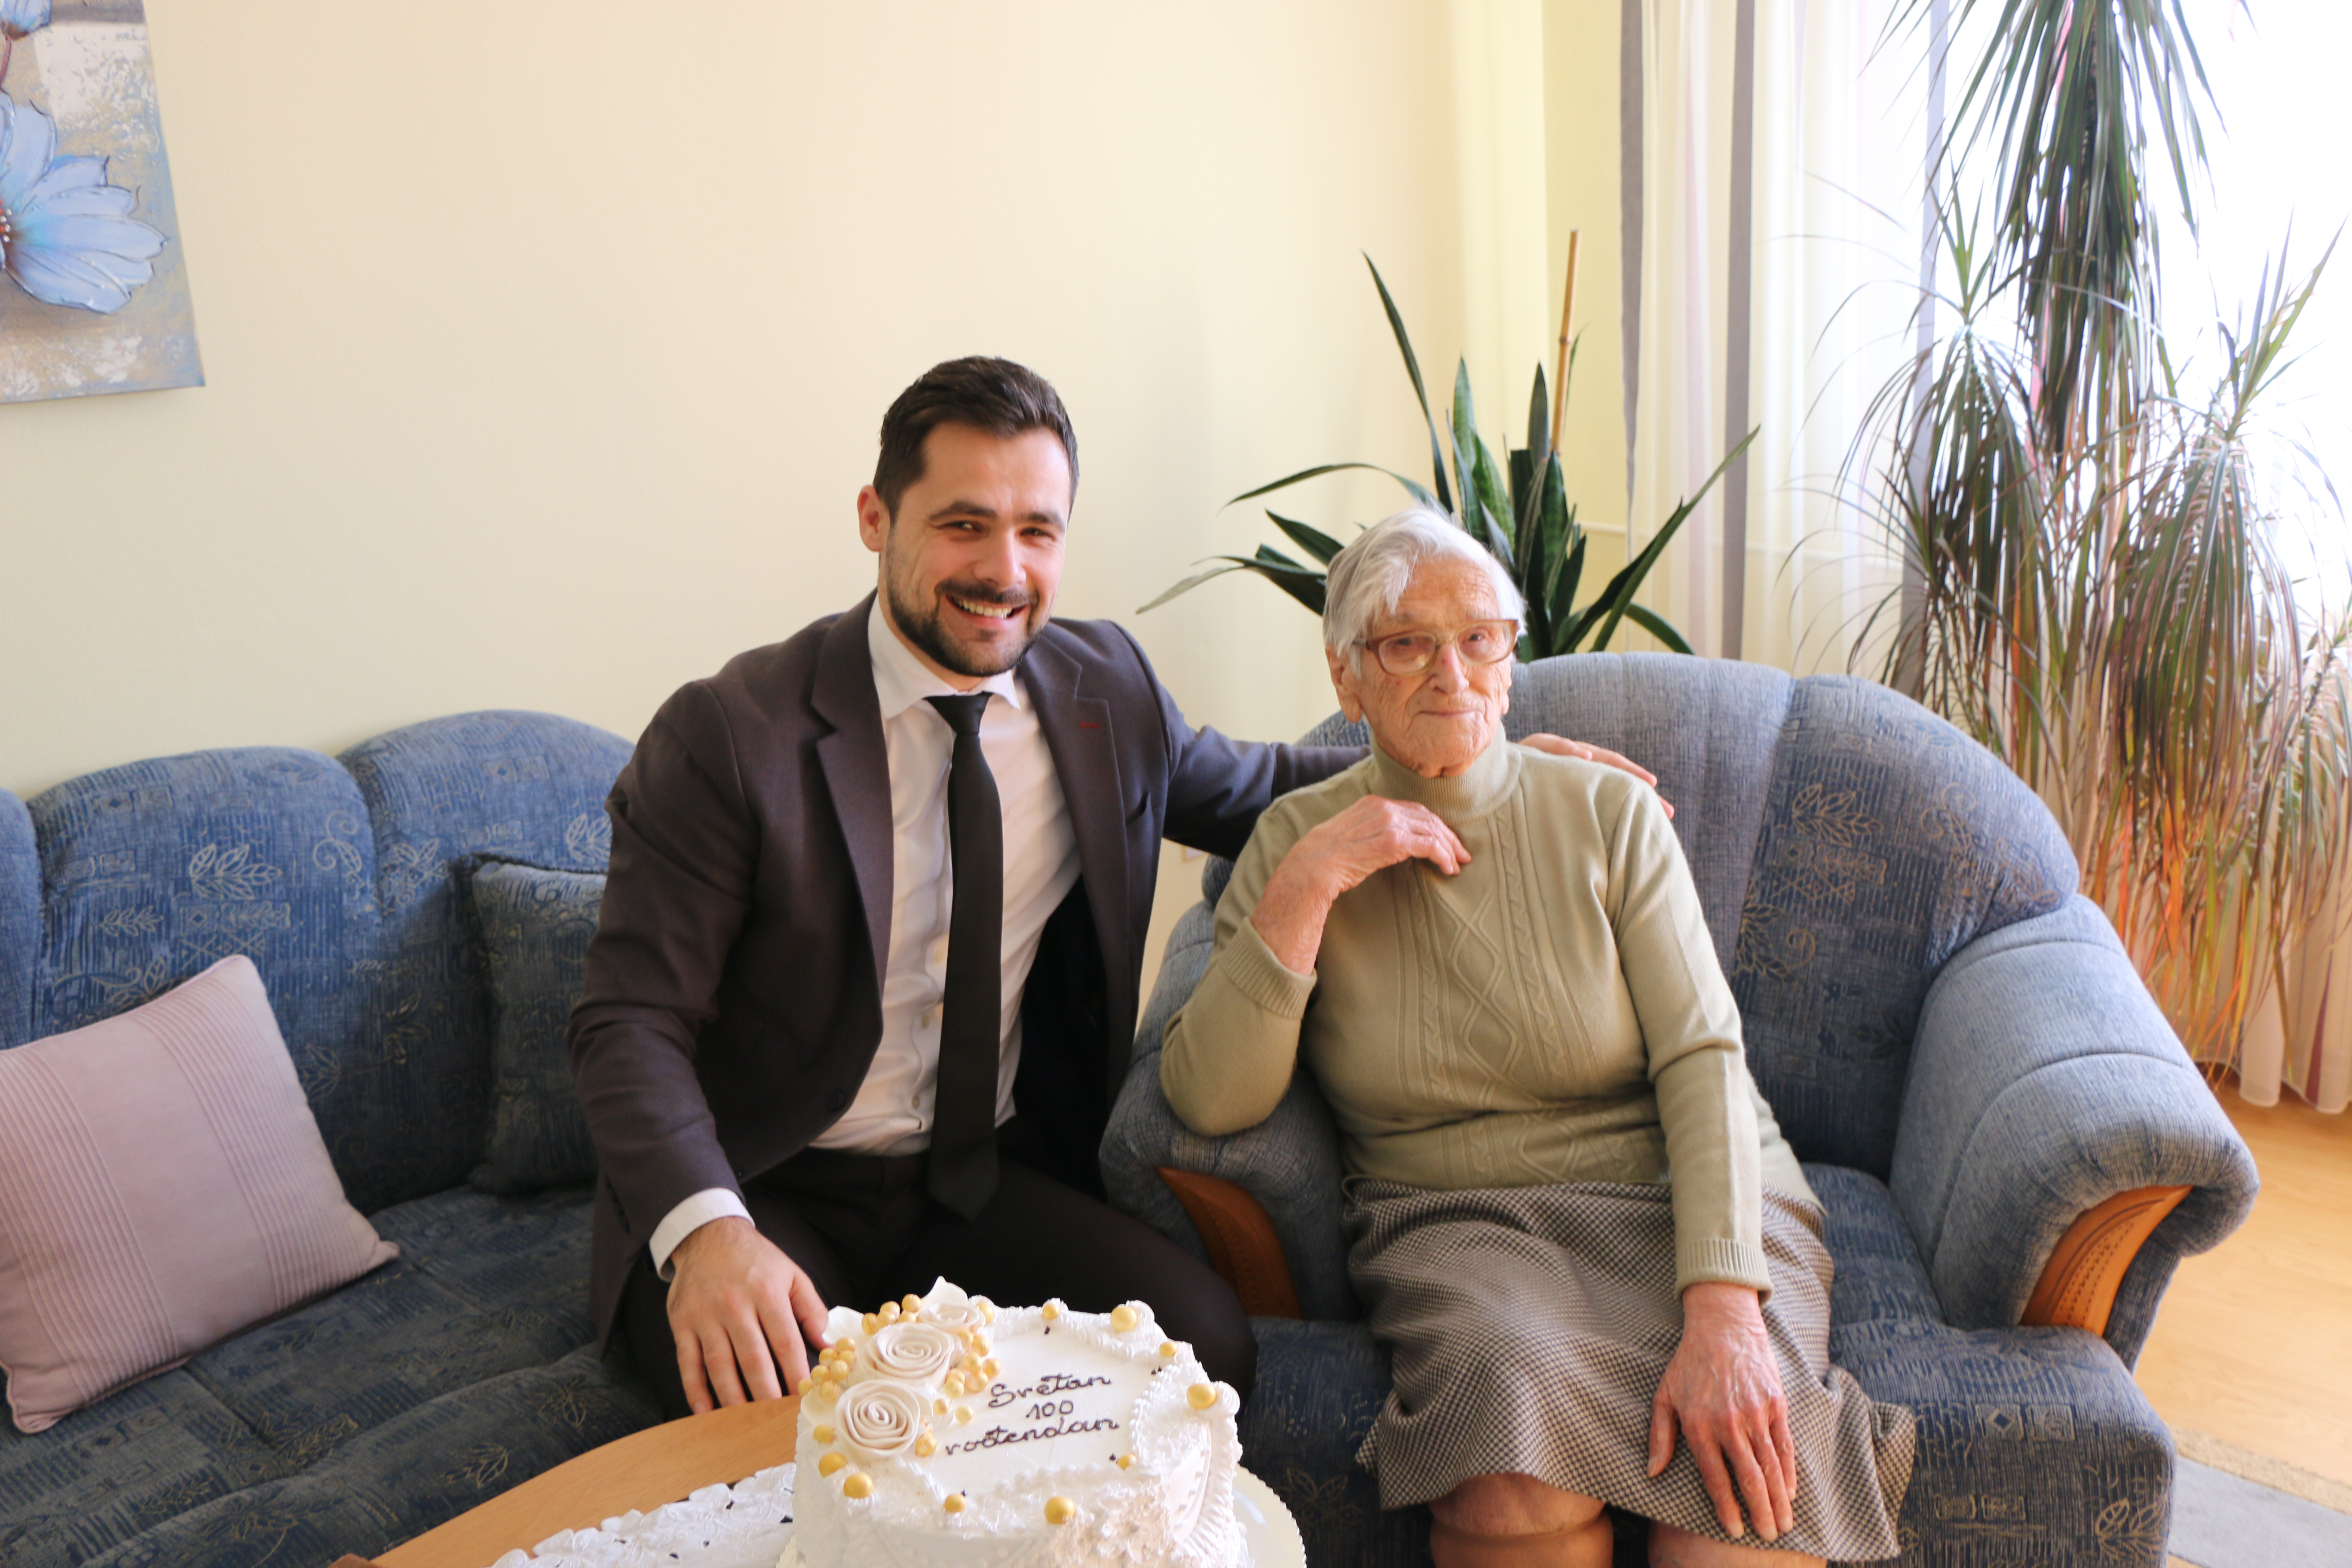 U Kaknju se može doživjeti ugodna treća dob: Načelnik Aldin Šljivo čestitao 100. rođendan našoj sugrađanki Pauli Batič